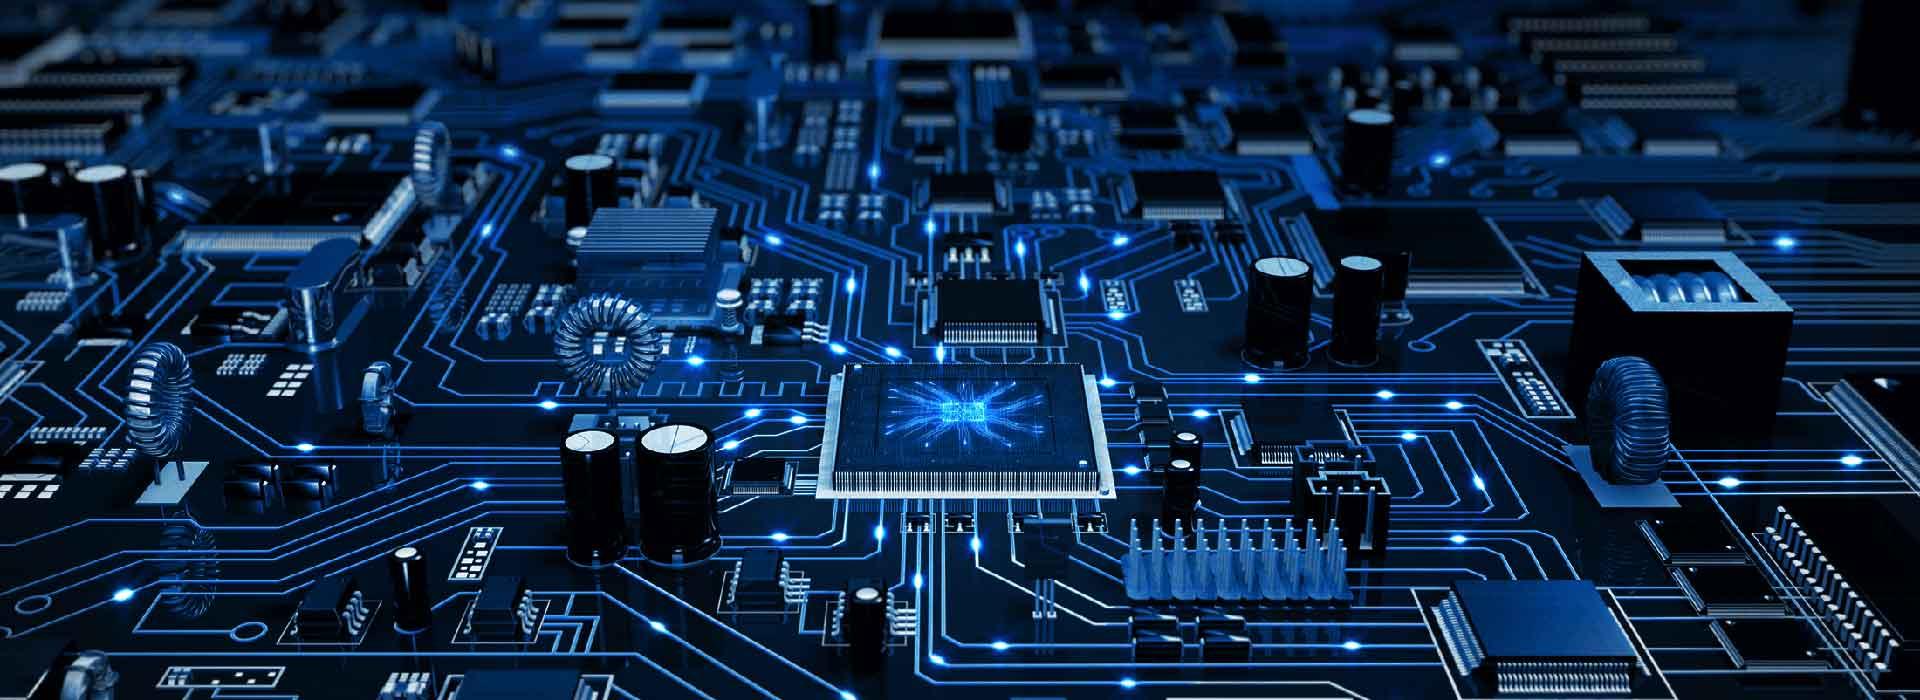 nadielectronics-1-Παραγωγή ηλεκτρονικών πλακετών